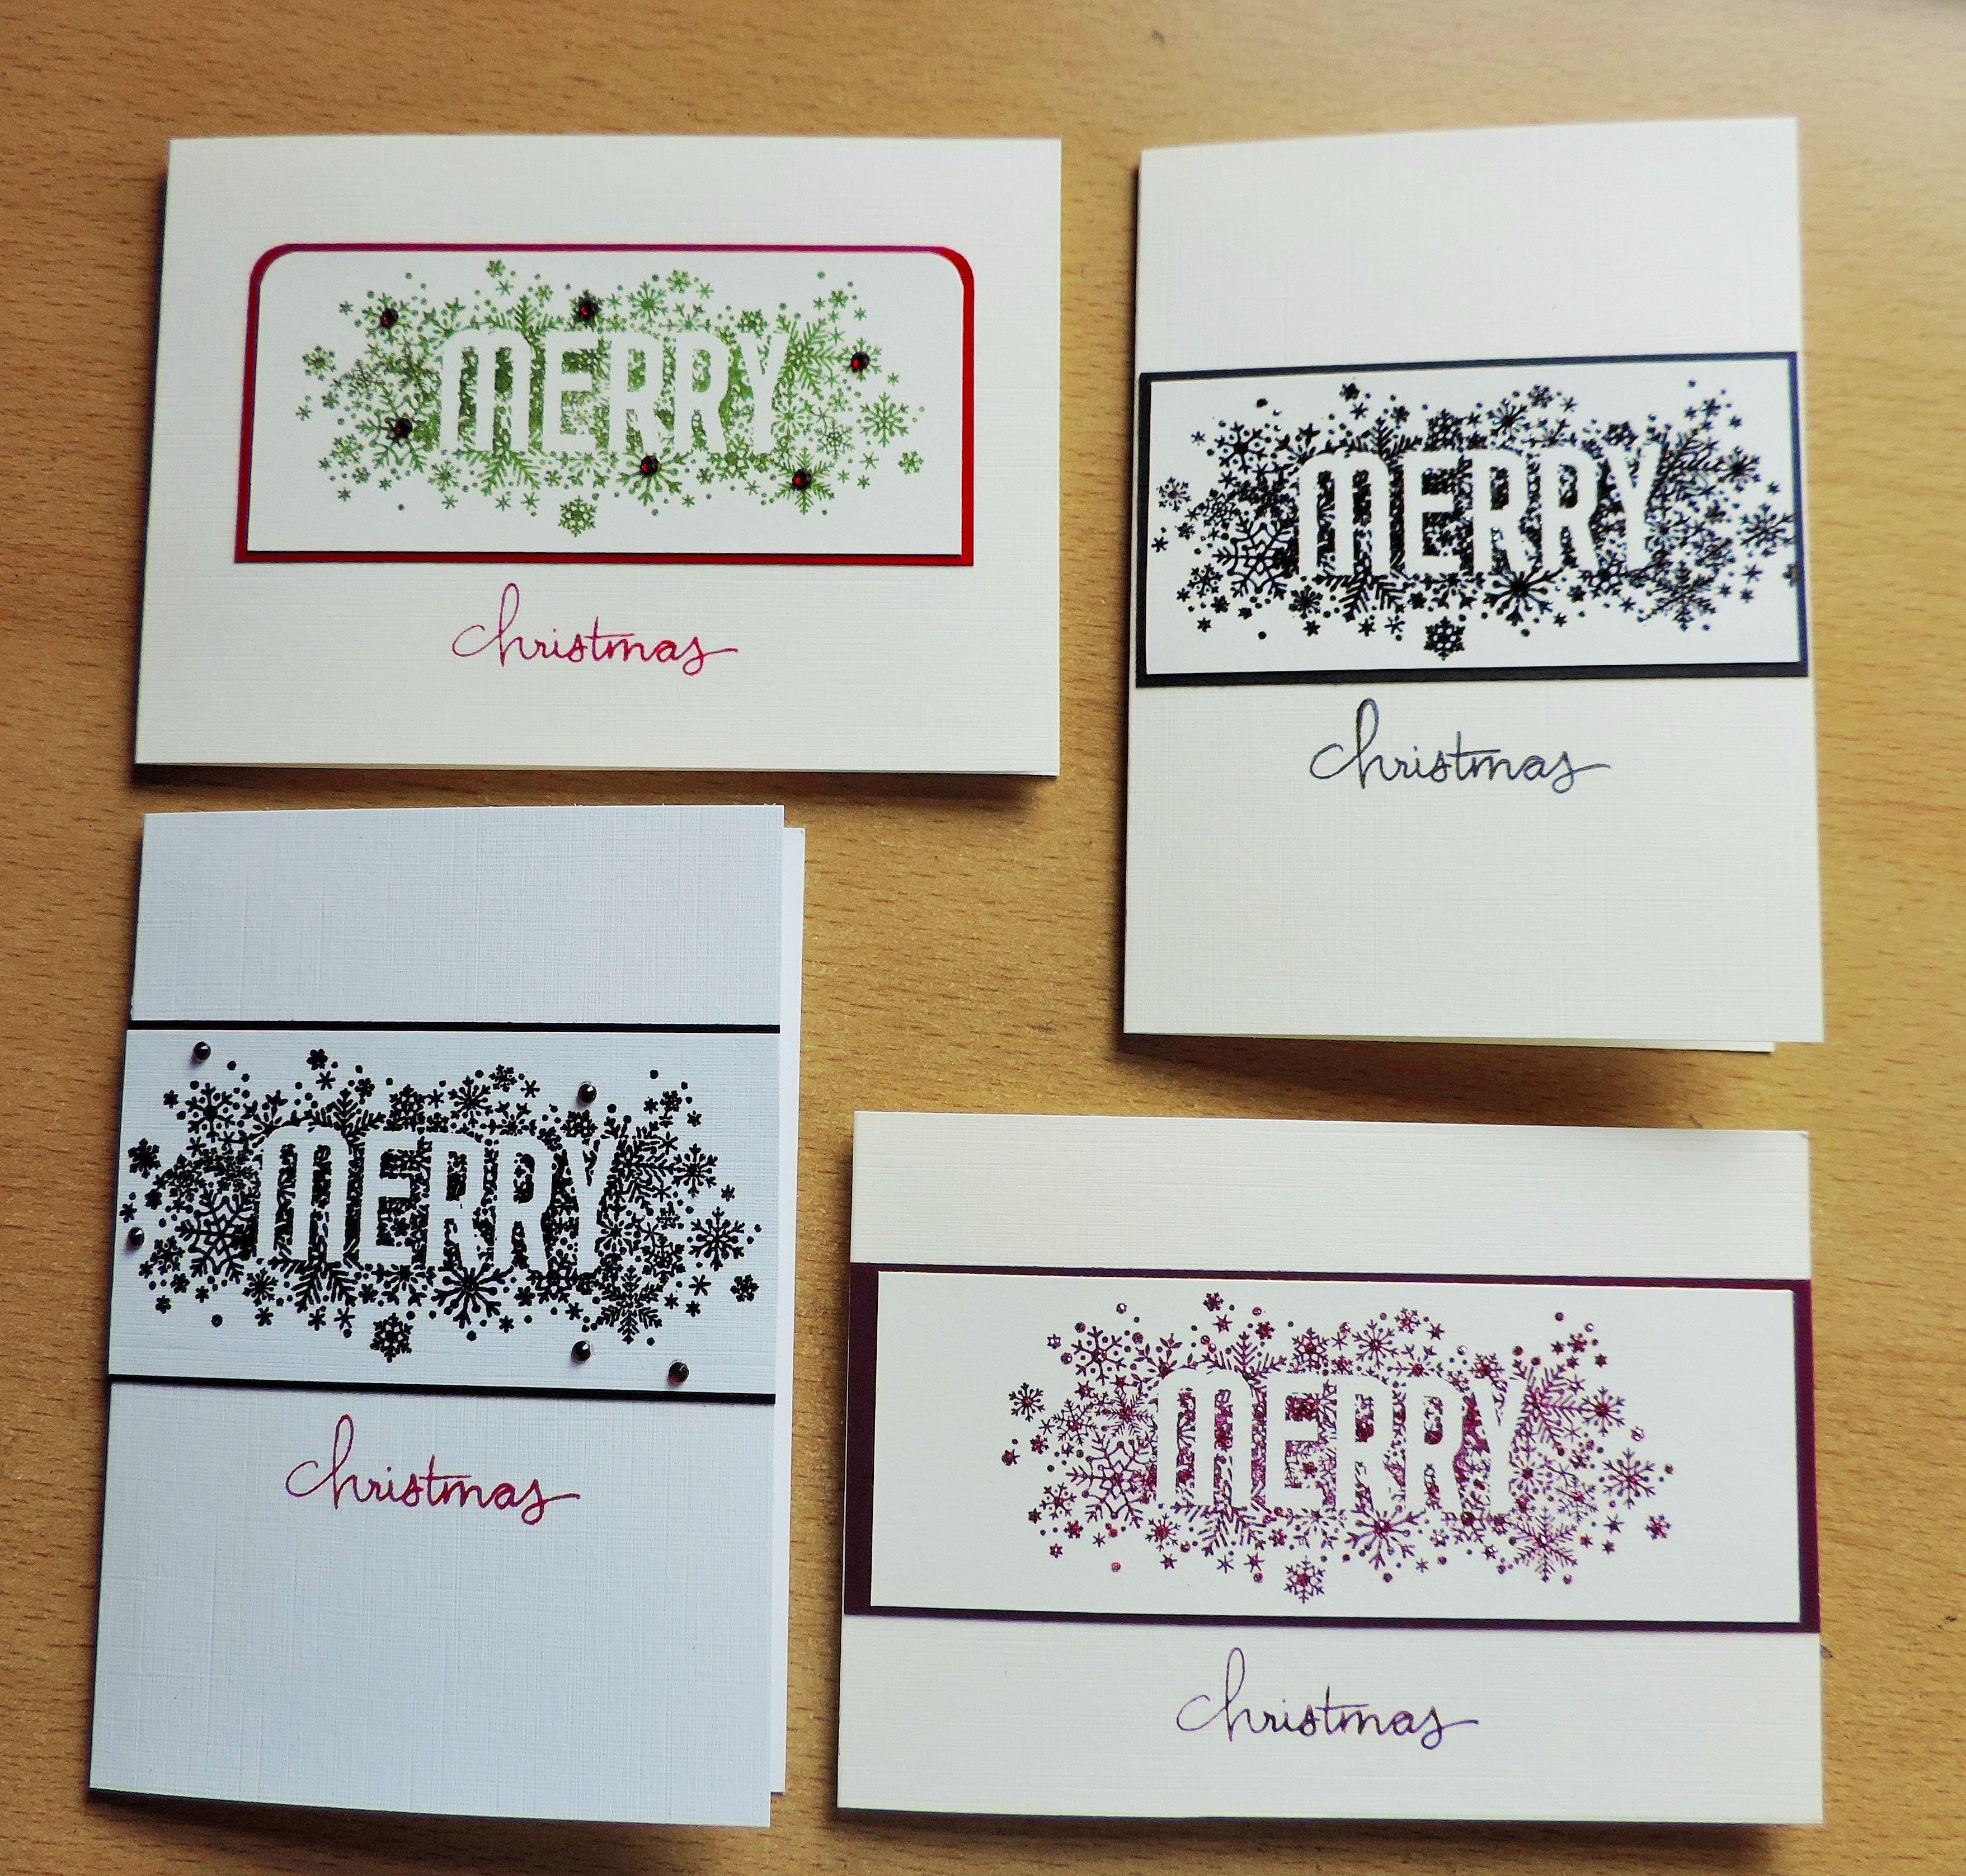 Merry! by Sue Ivings